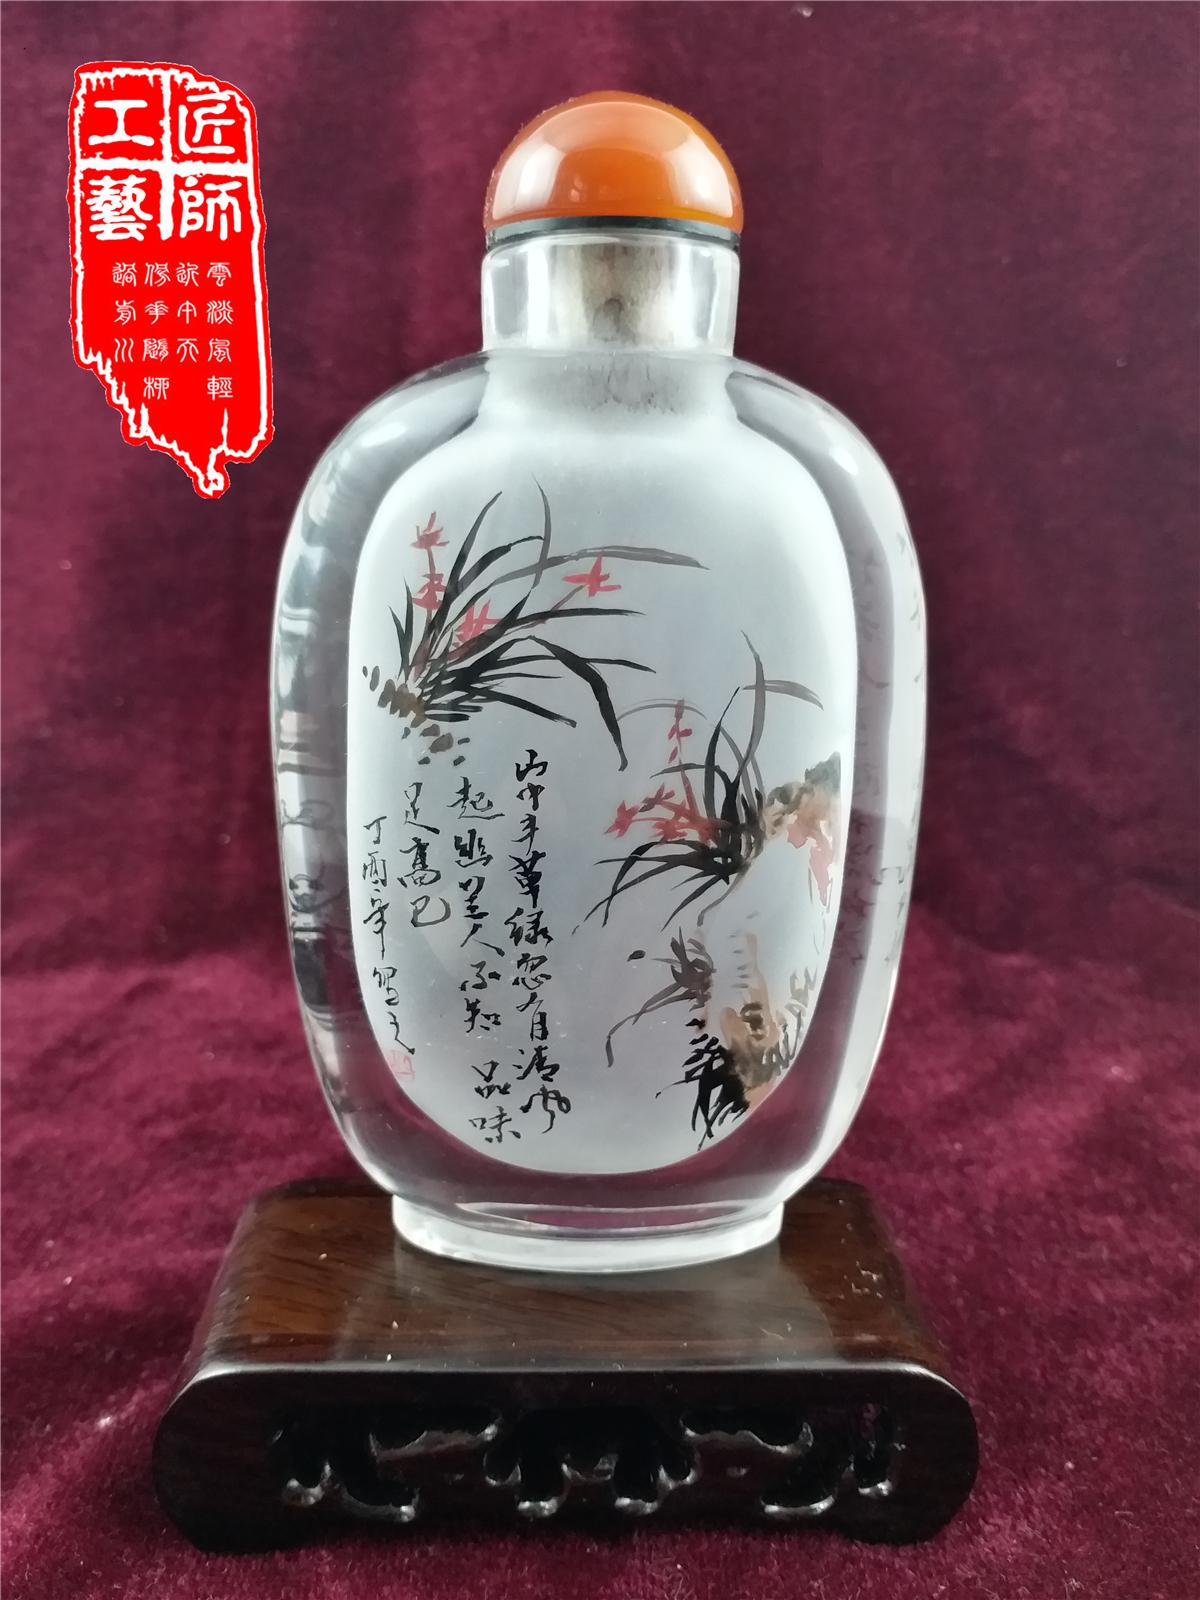 匠师工艺鼻烟壶中华传统手绘鼻烟壶商务外交出国摆件具有中国特色